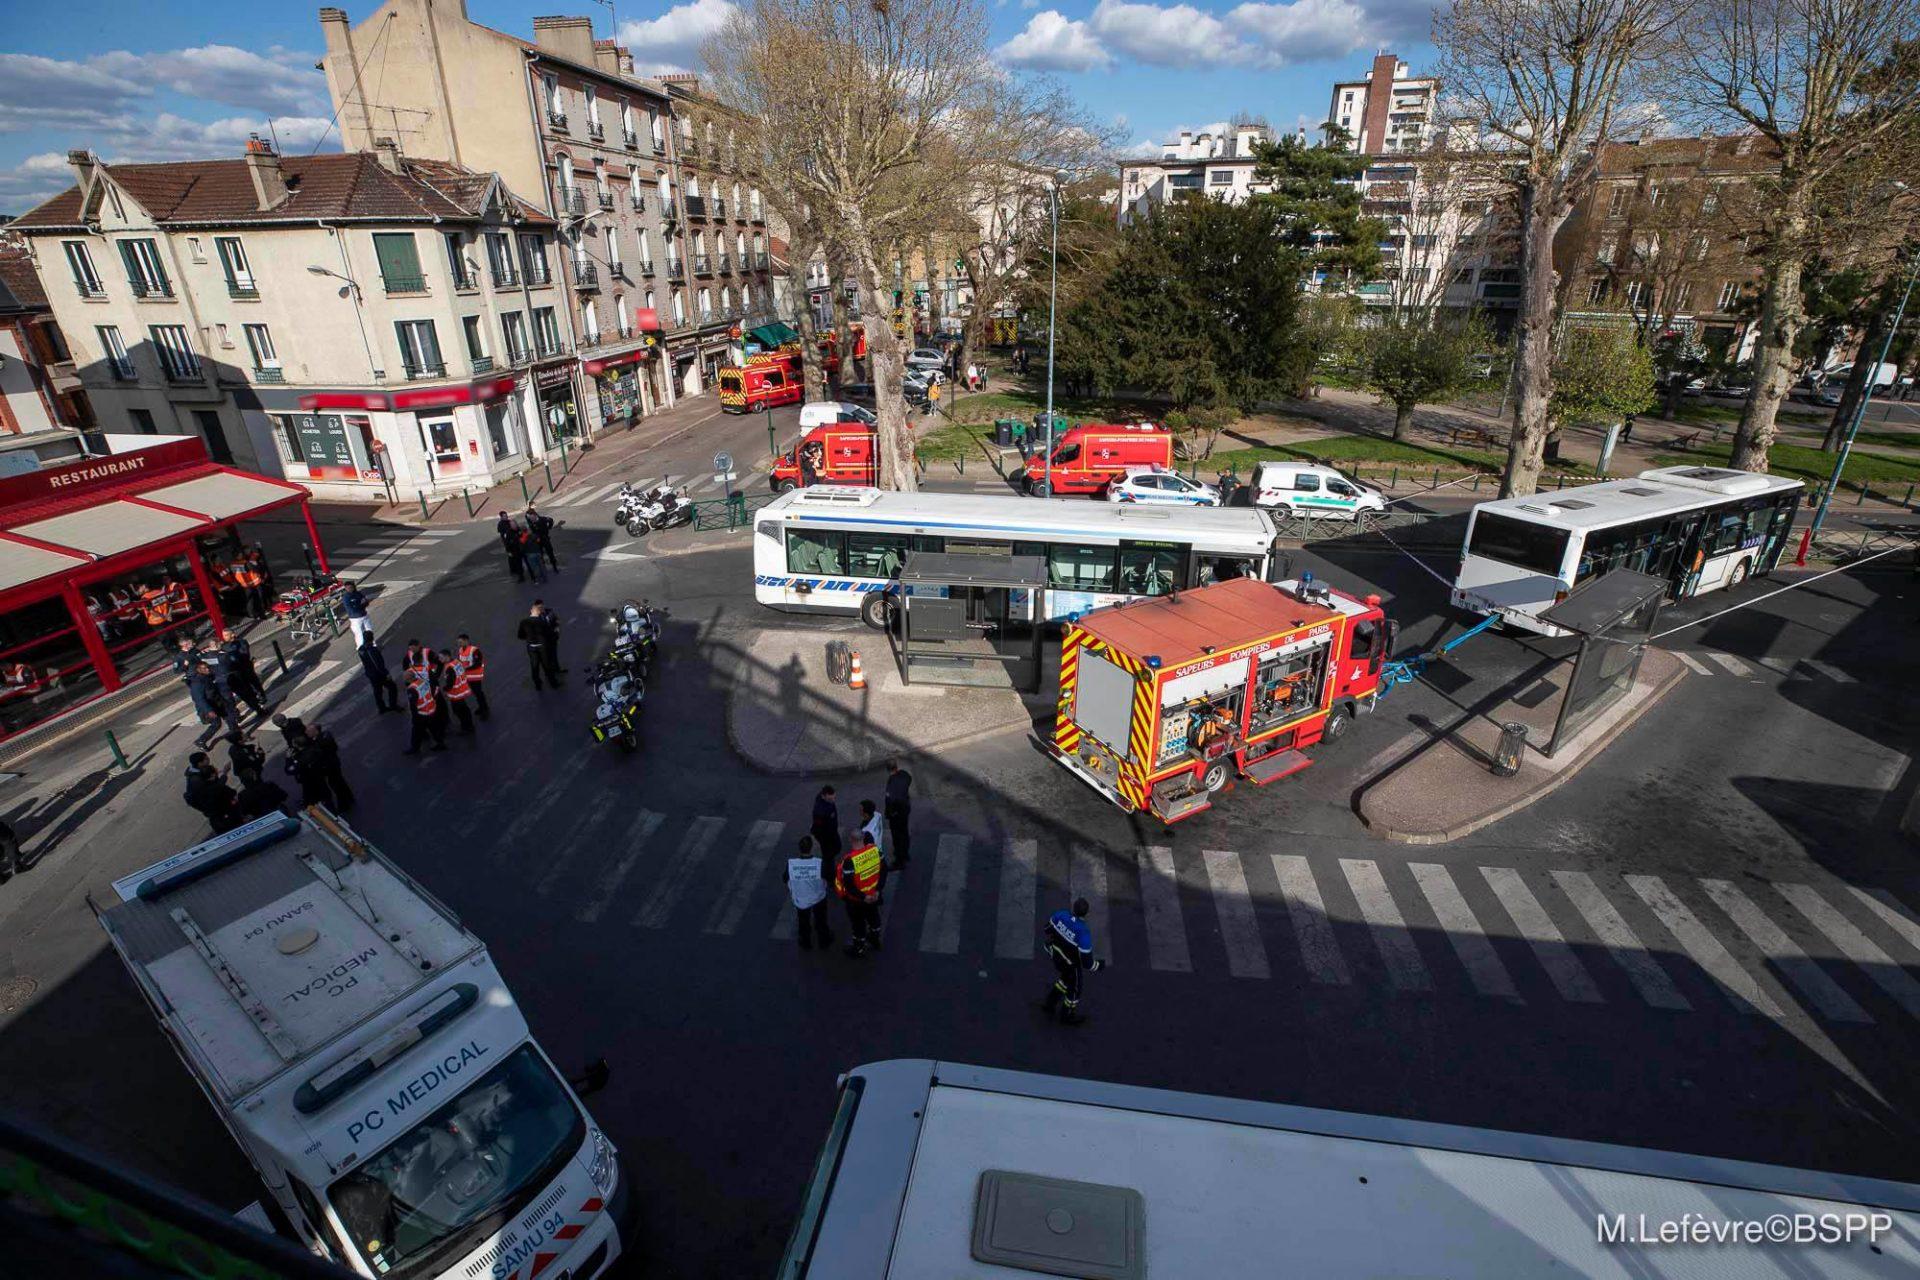 🇫🇷 Sucy-en-Brie (94) : Un bus percute deux piétons